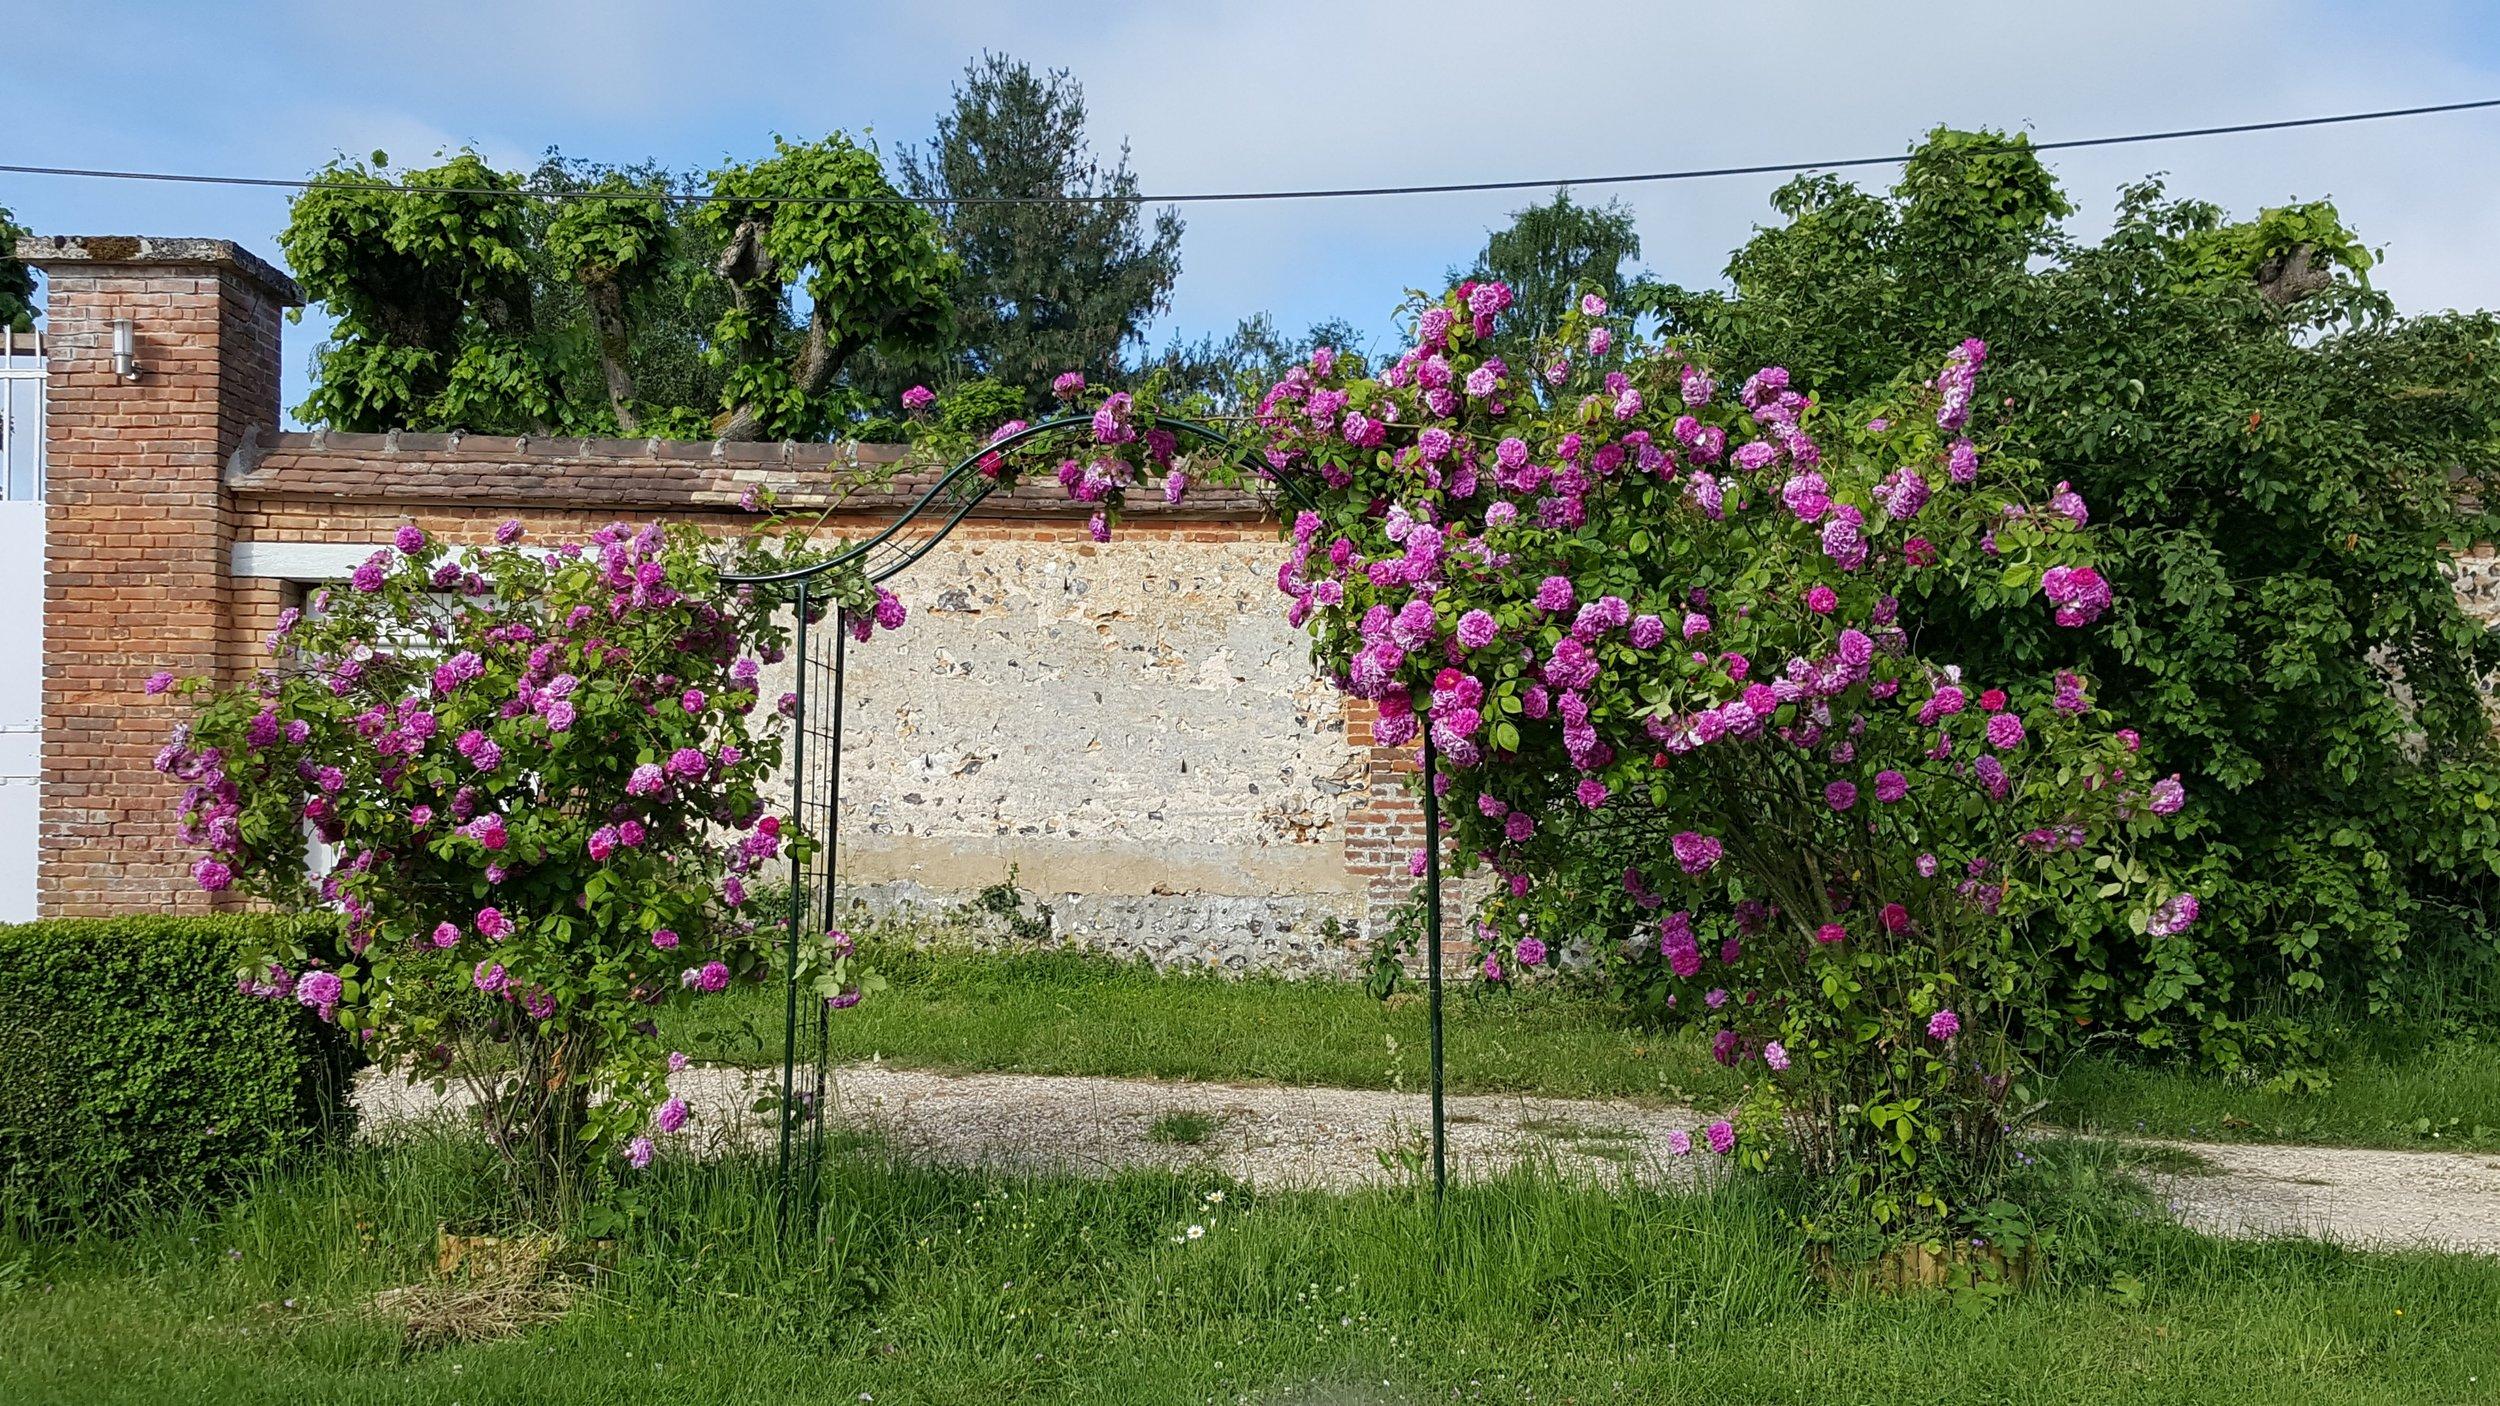 garden__la salle et ses décorations__20170531_091928_resized_1.jpg